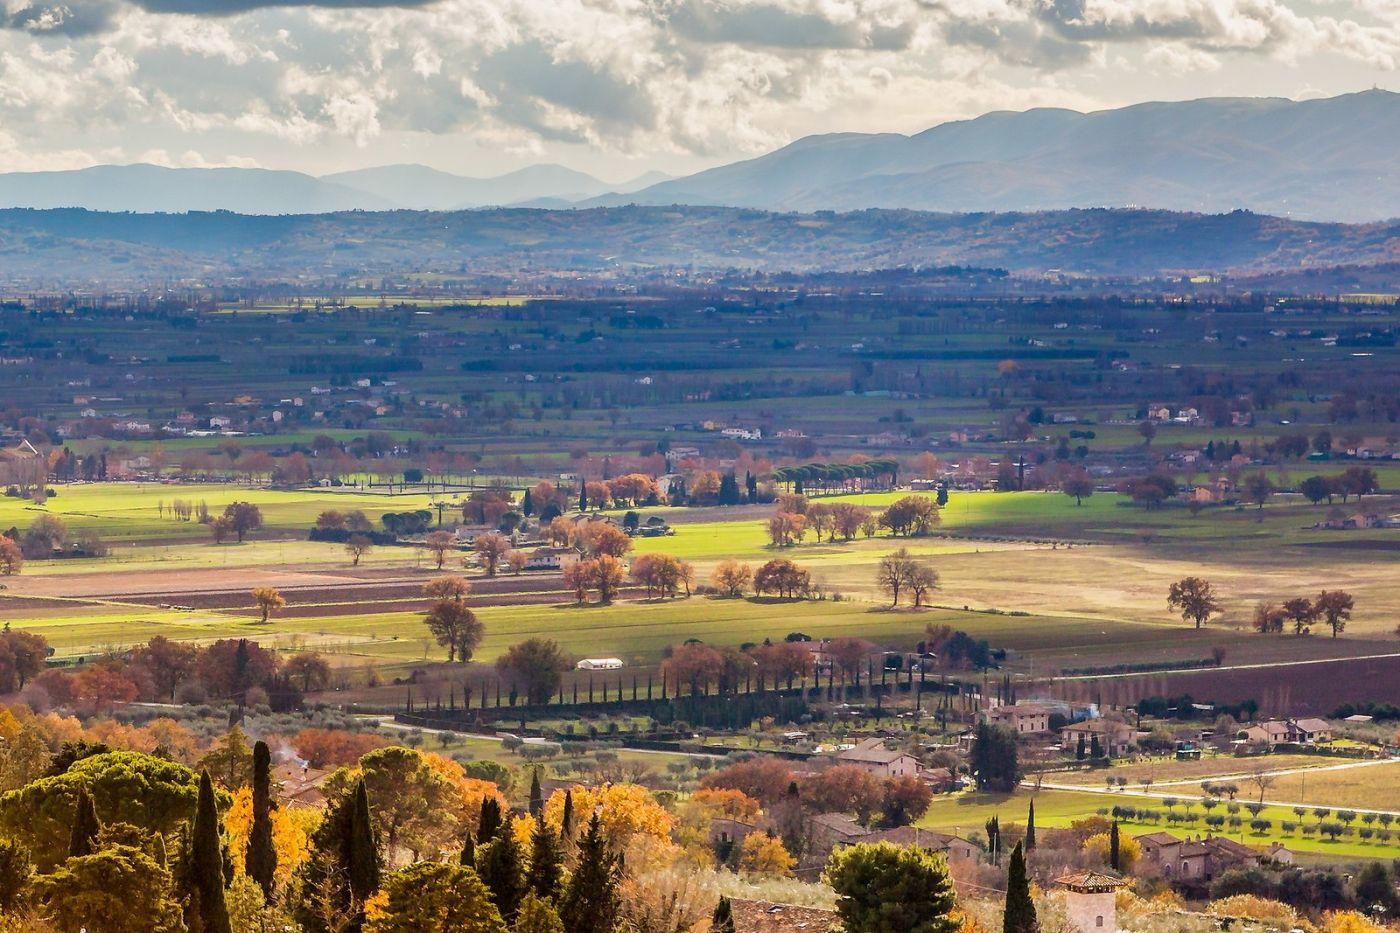 意大利阿西西(Assisi), 登高放眼_图1-33